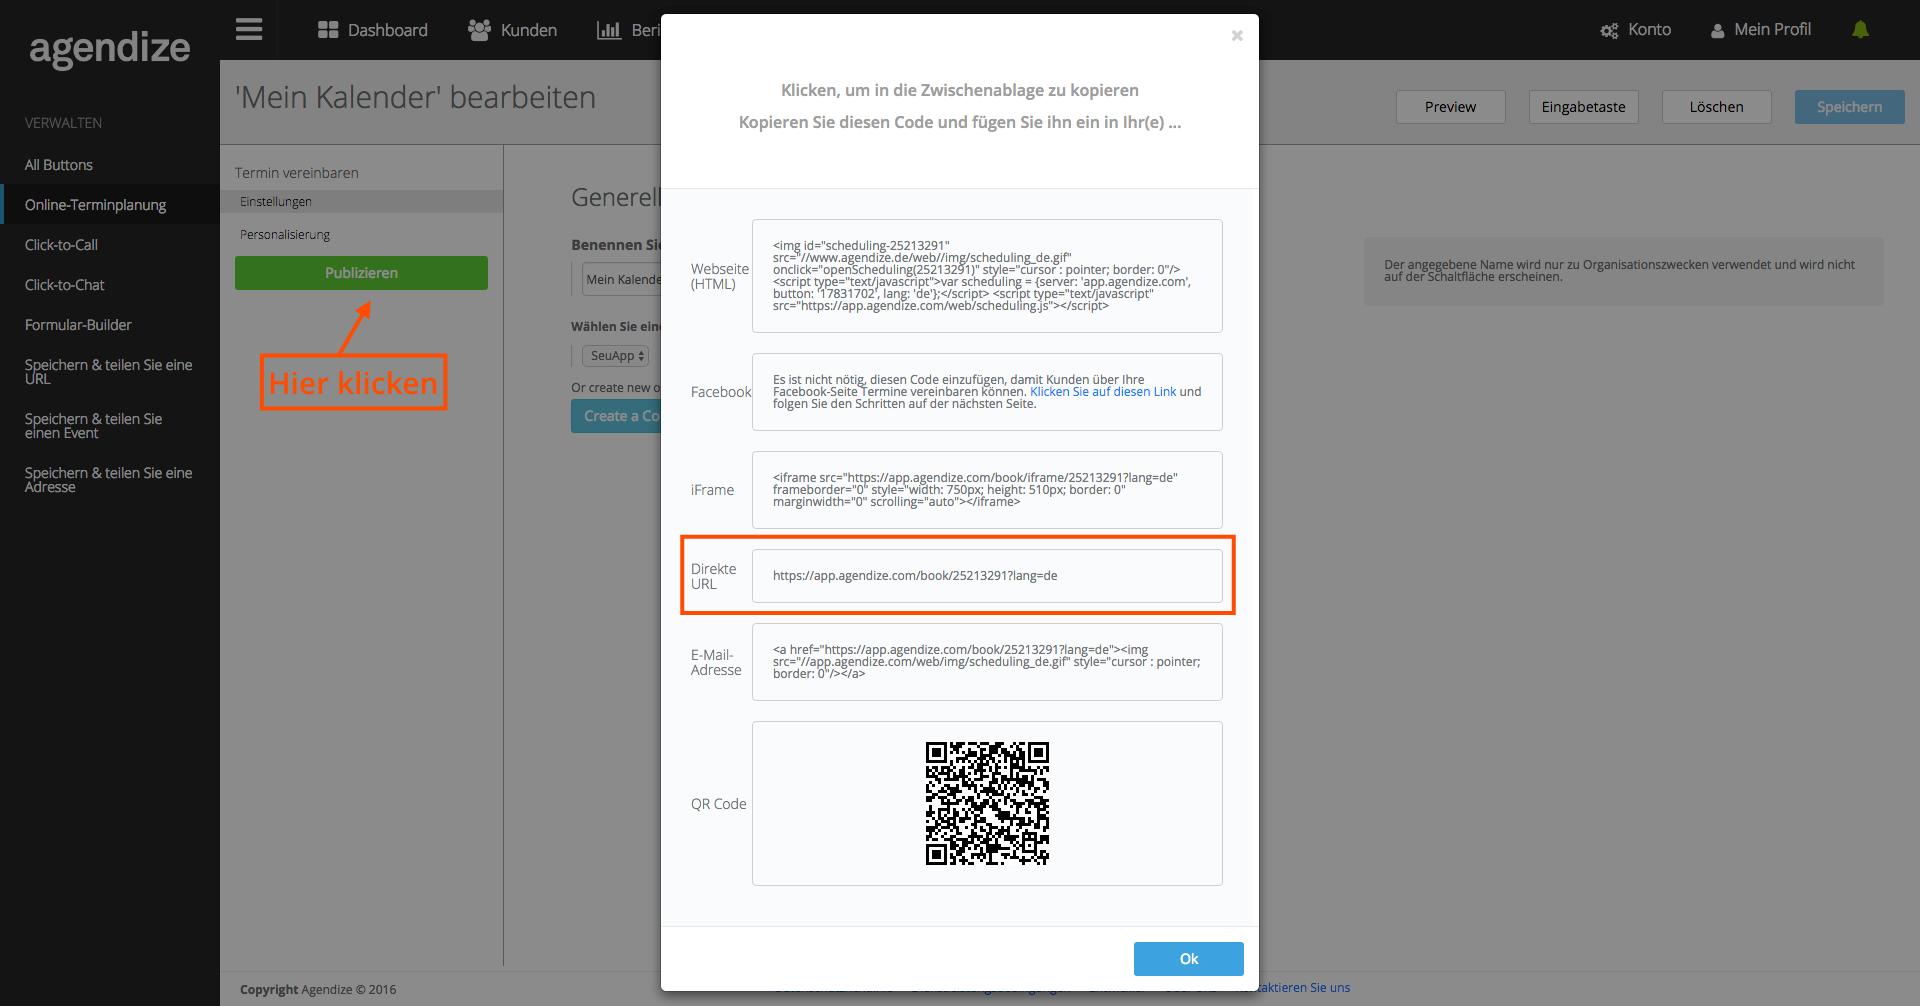 Online Terminbuchung mit deiner eigenen App